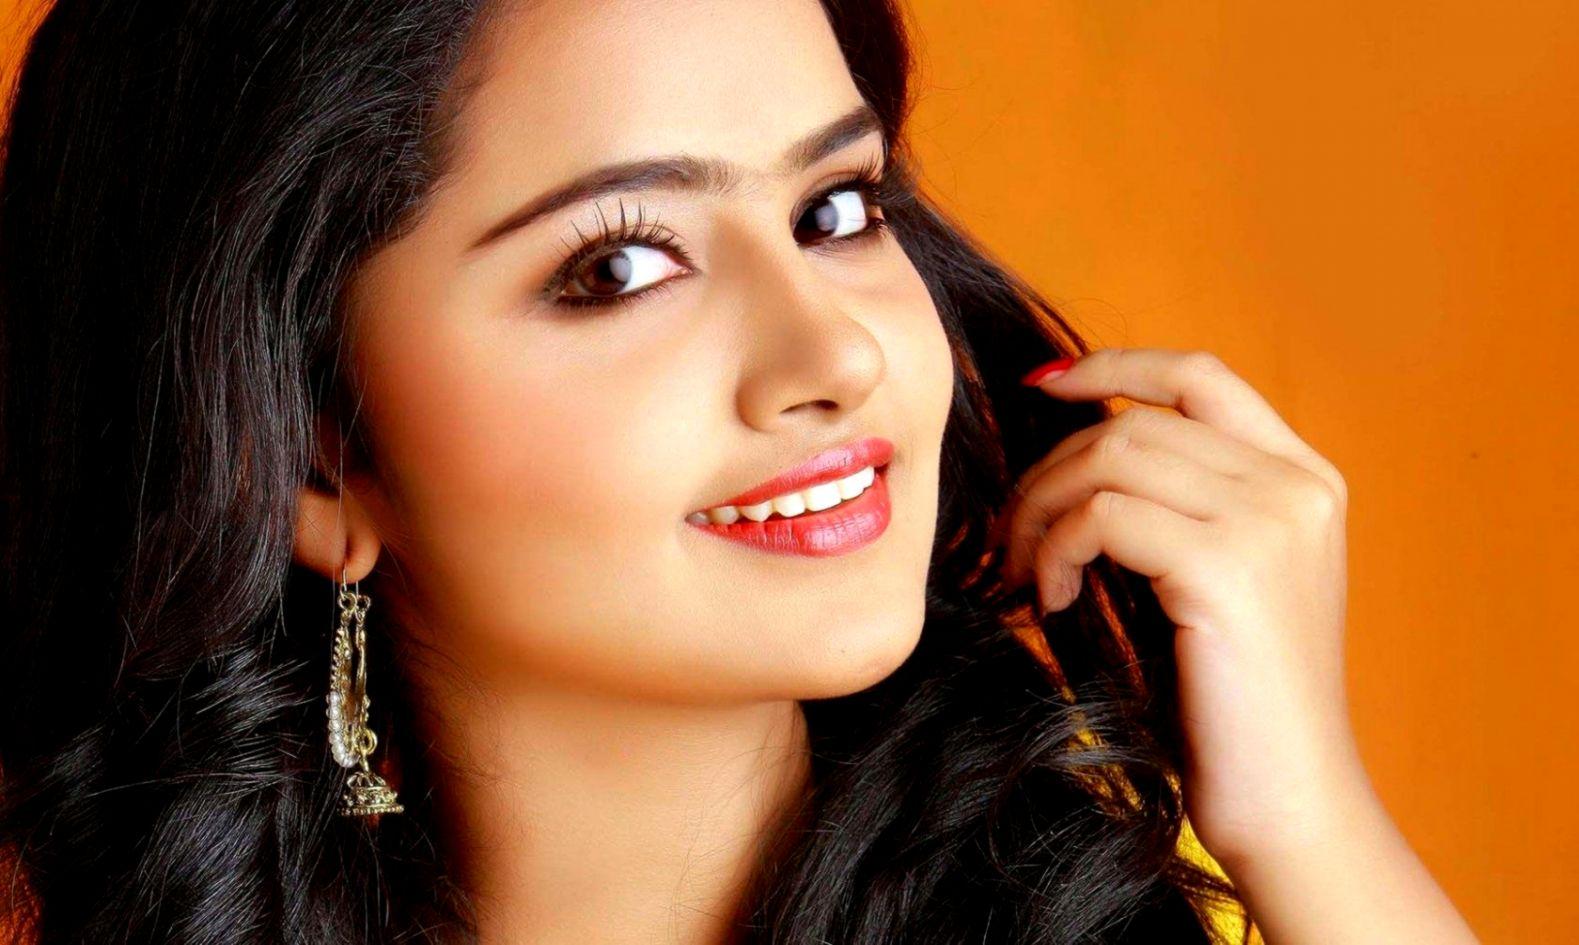 tamil actress wallpapers wallpaper cave anupama parameswaran 1579x945 wallpaper teahub io teahub io